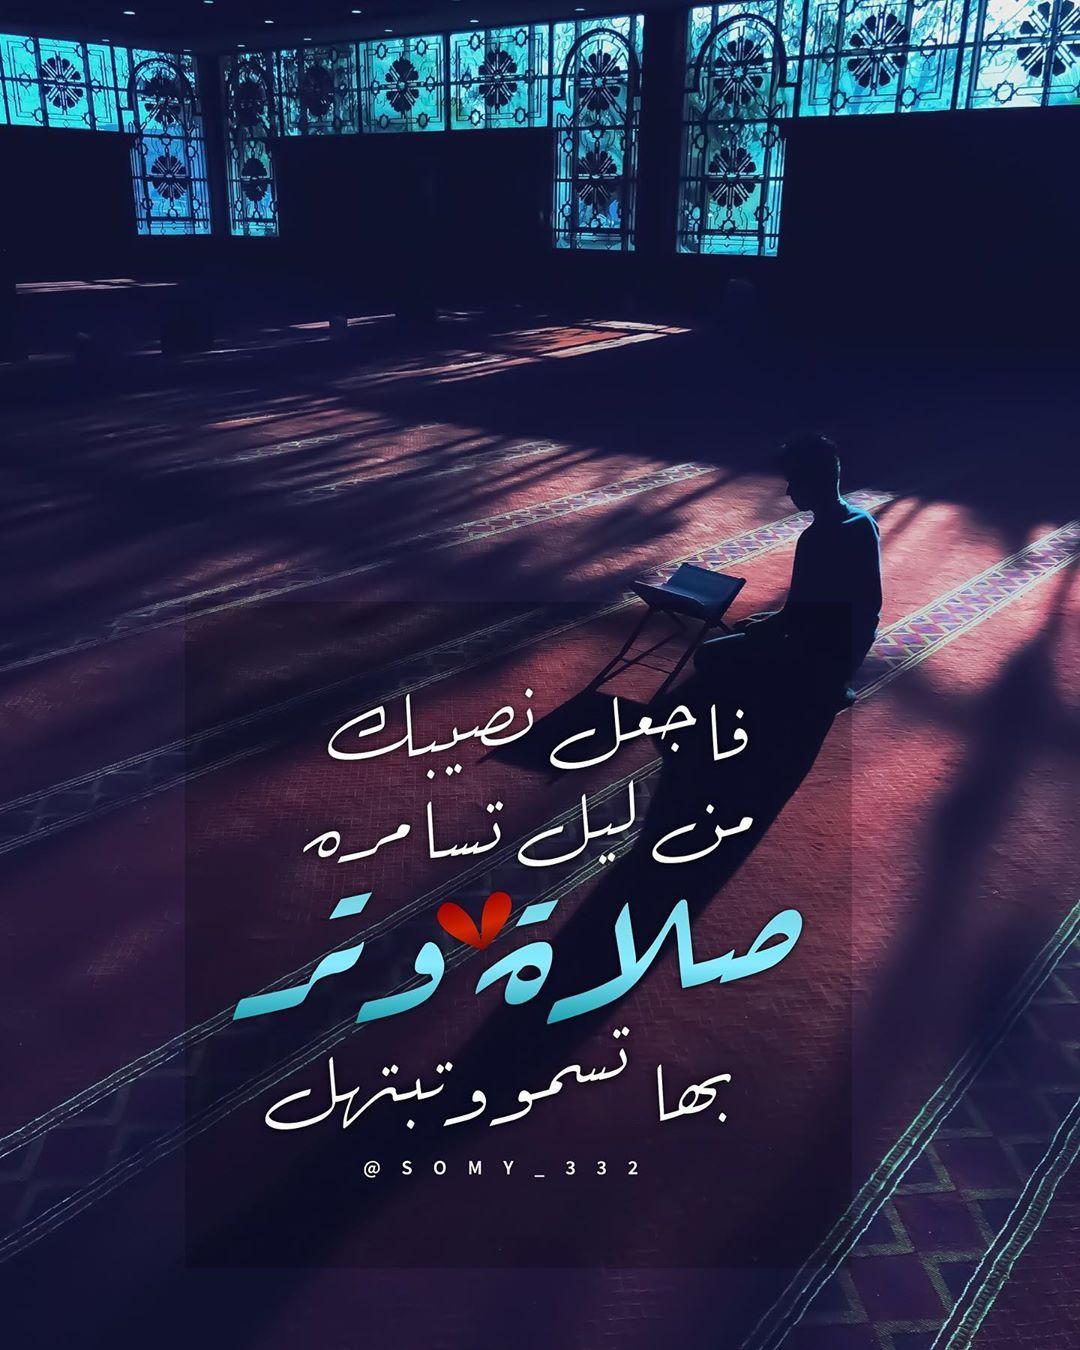 لٱ إلہ إلٱ اللہ on Instagram: